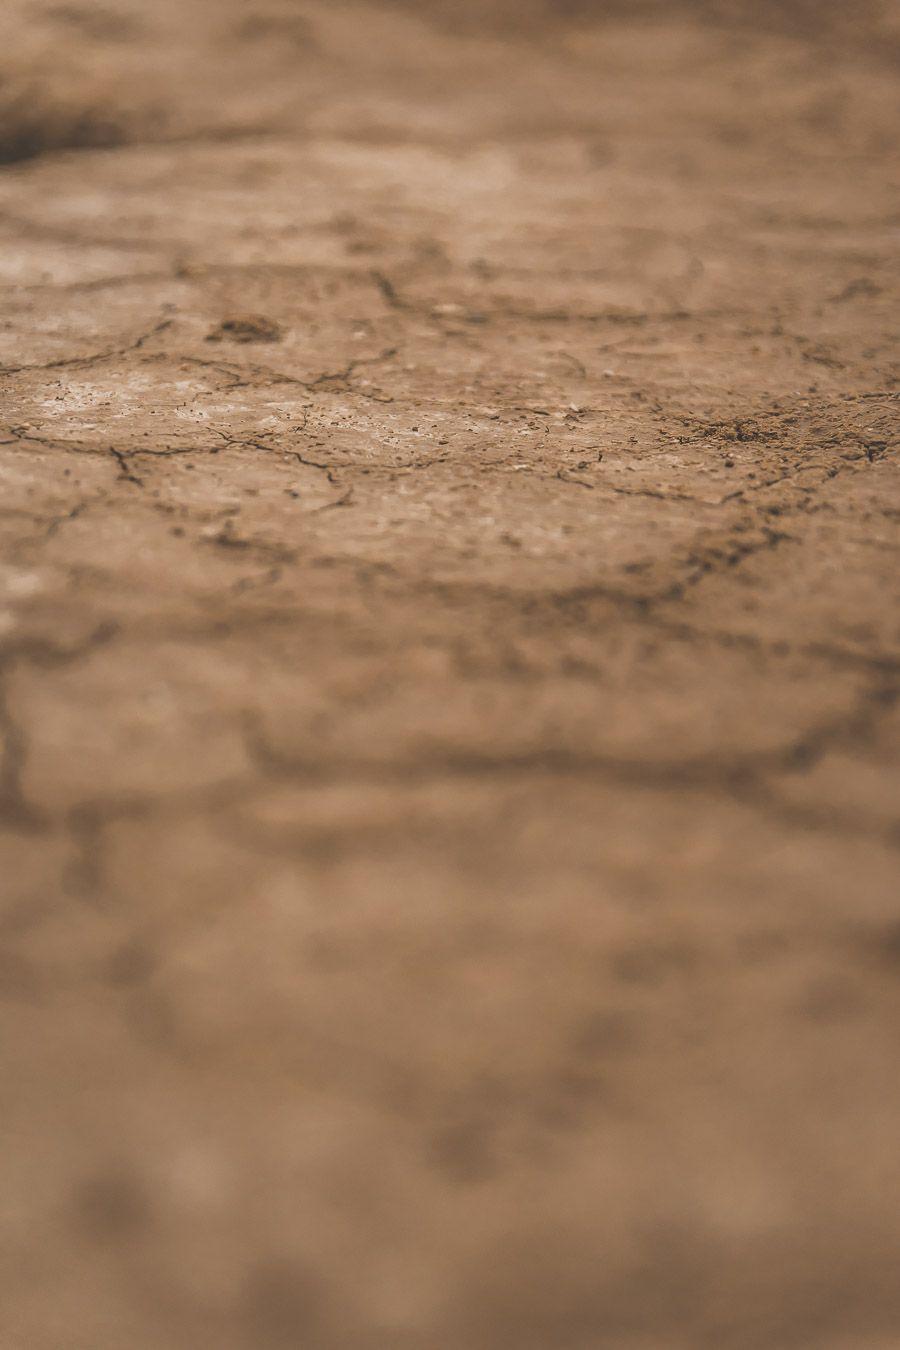 le sol du désert des Bardenas Reales